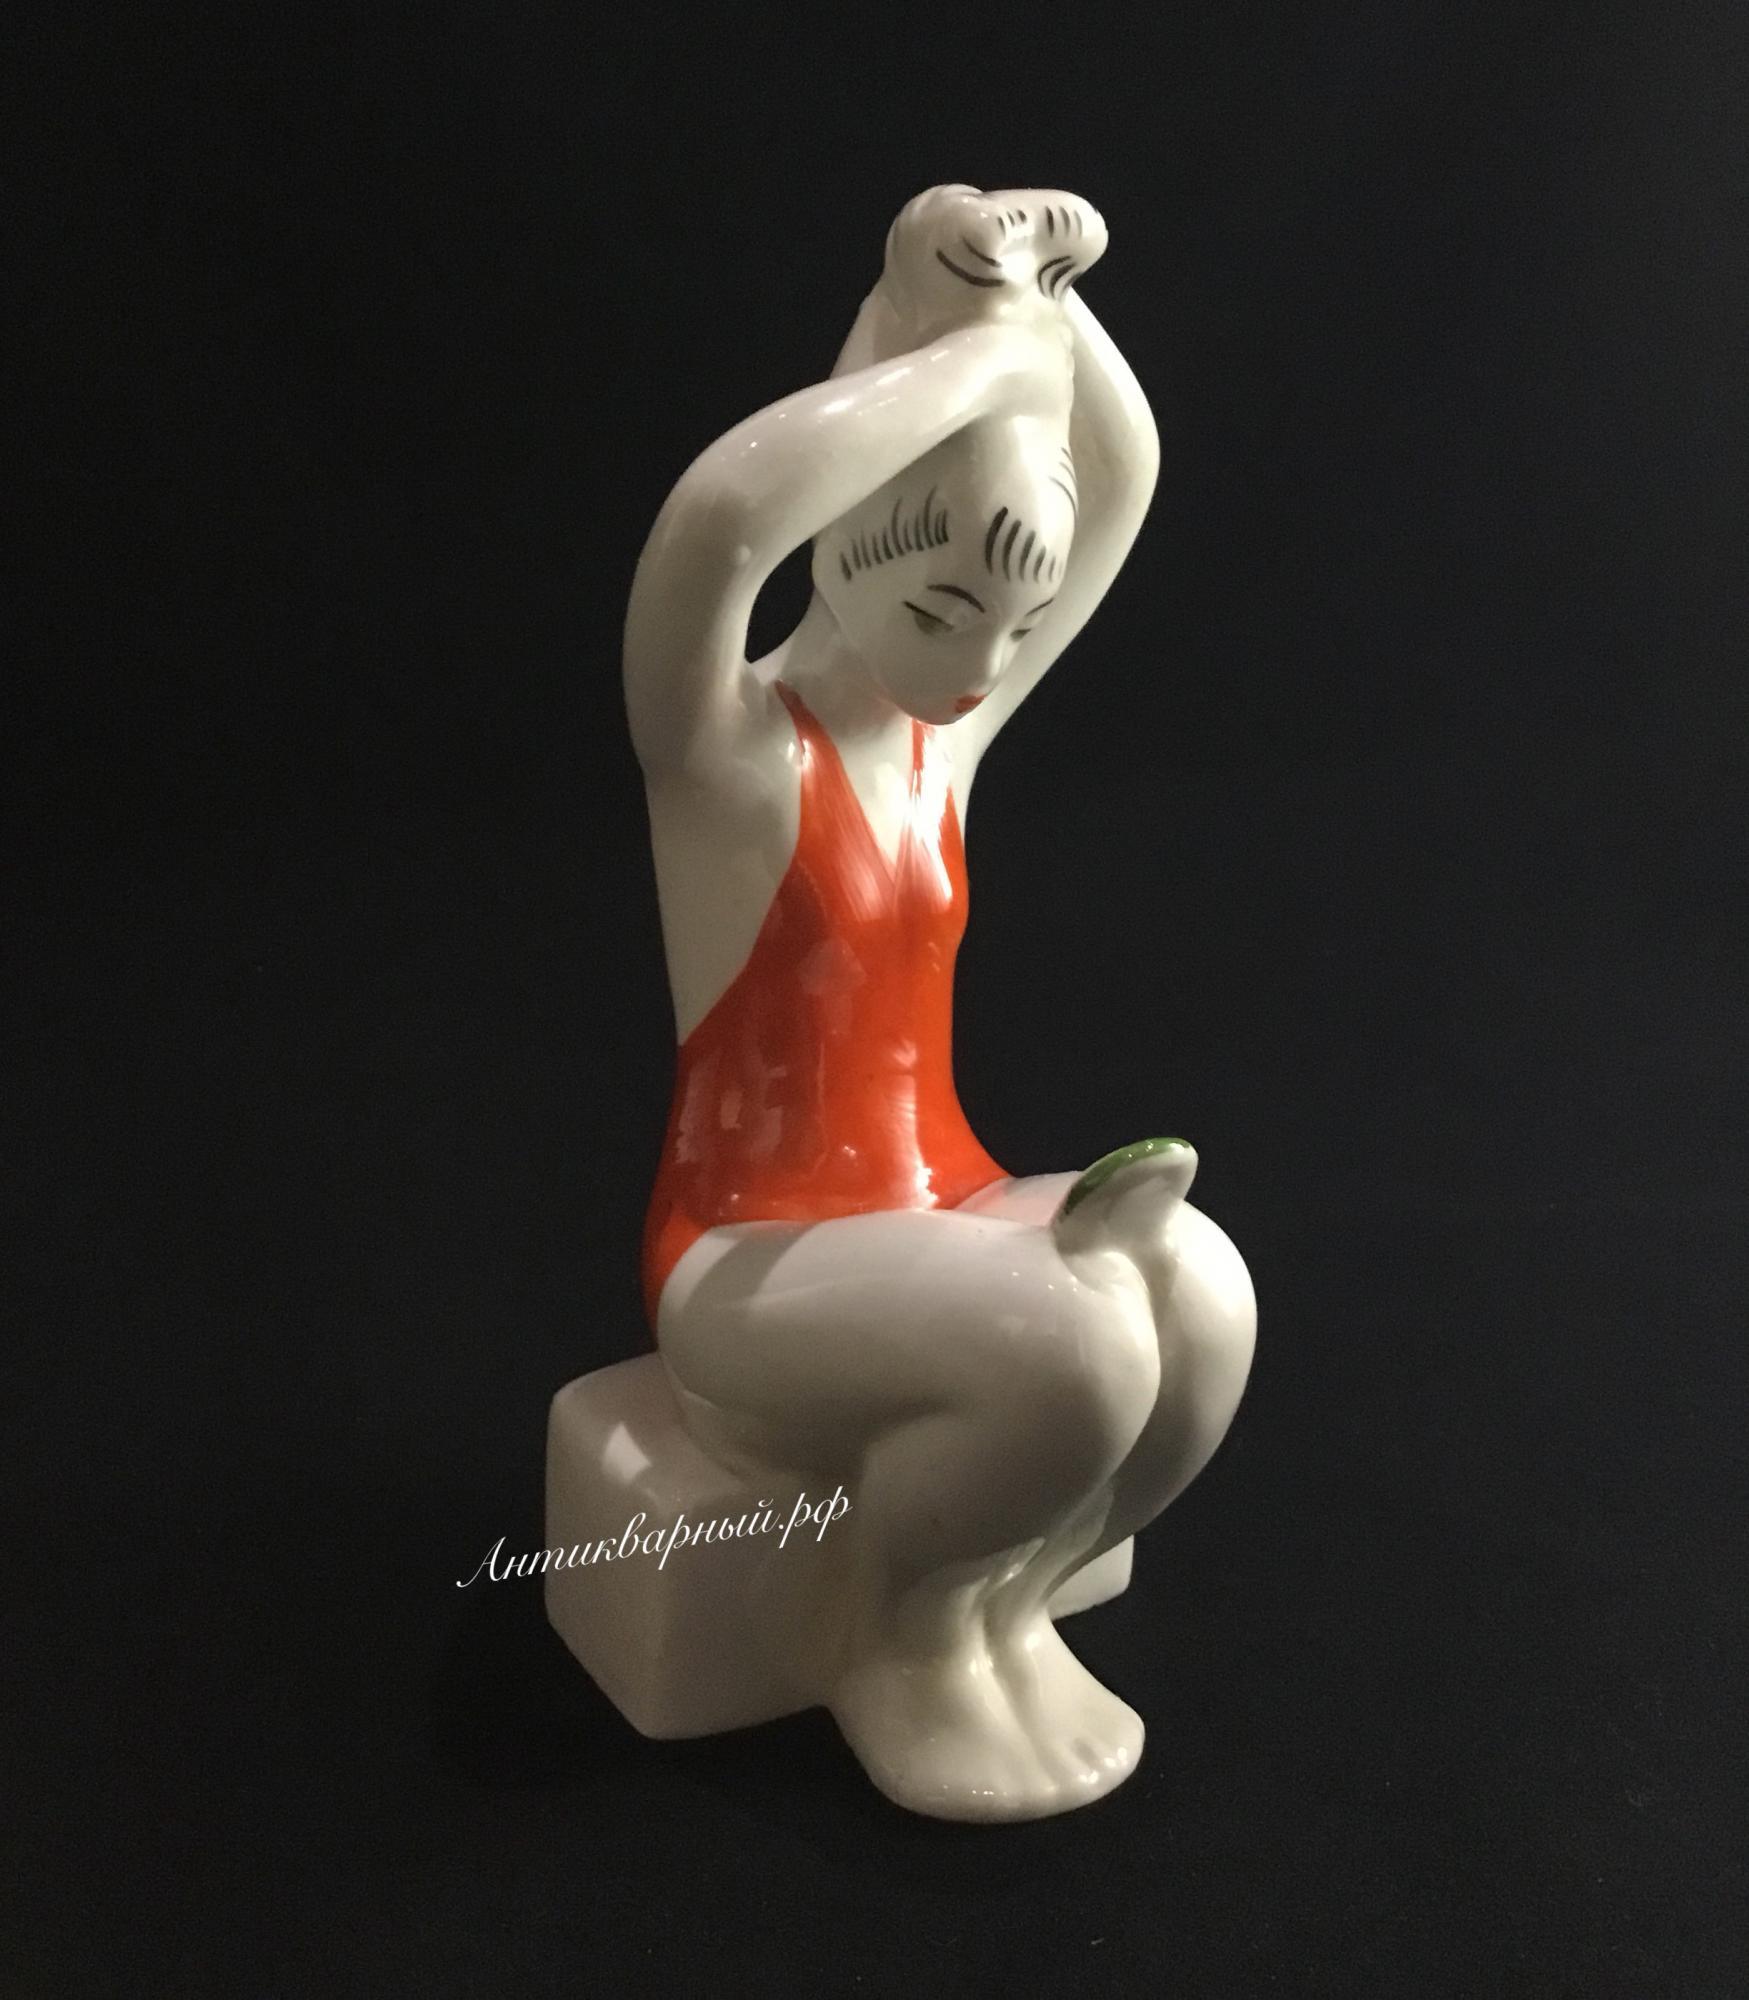 Фарфоровая статуэтка Прическа. Лзфи